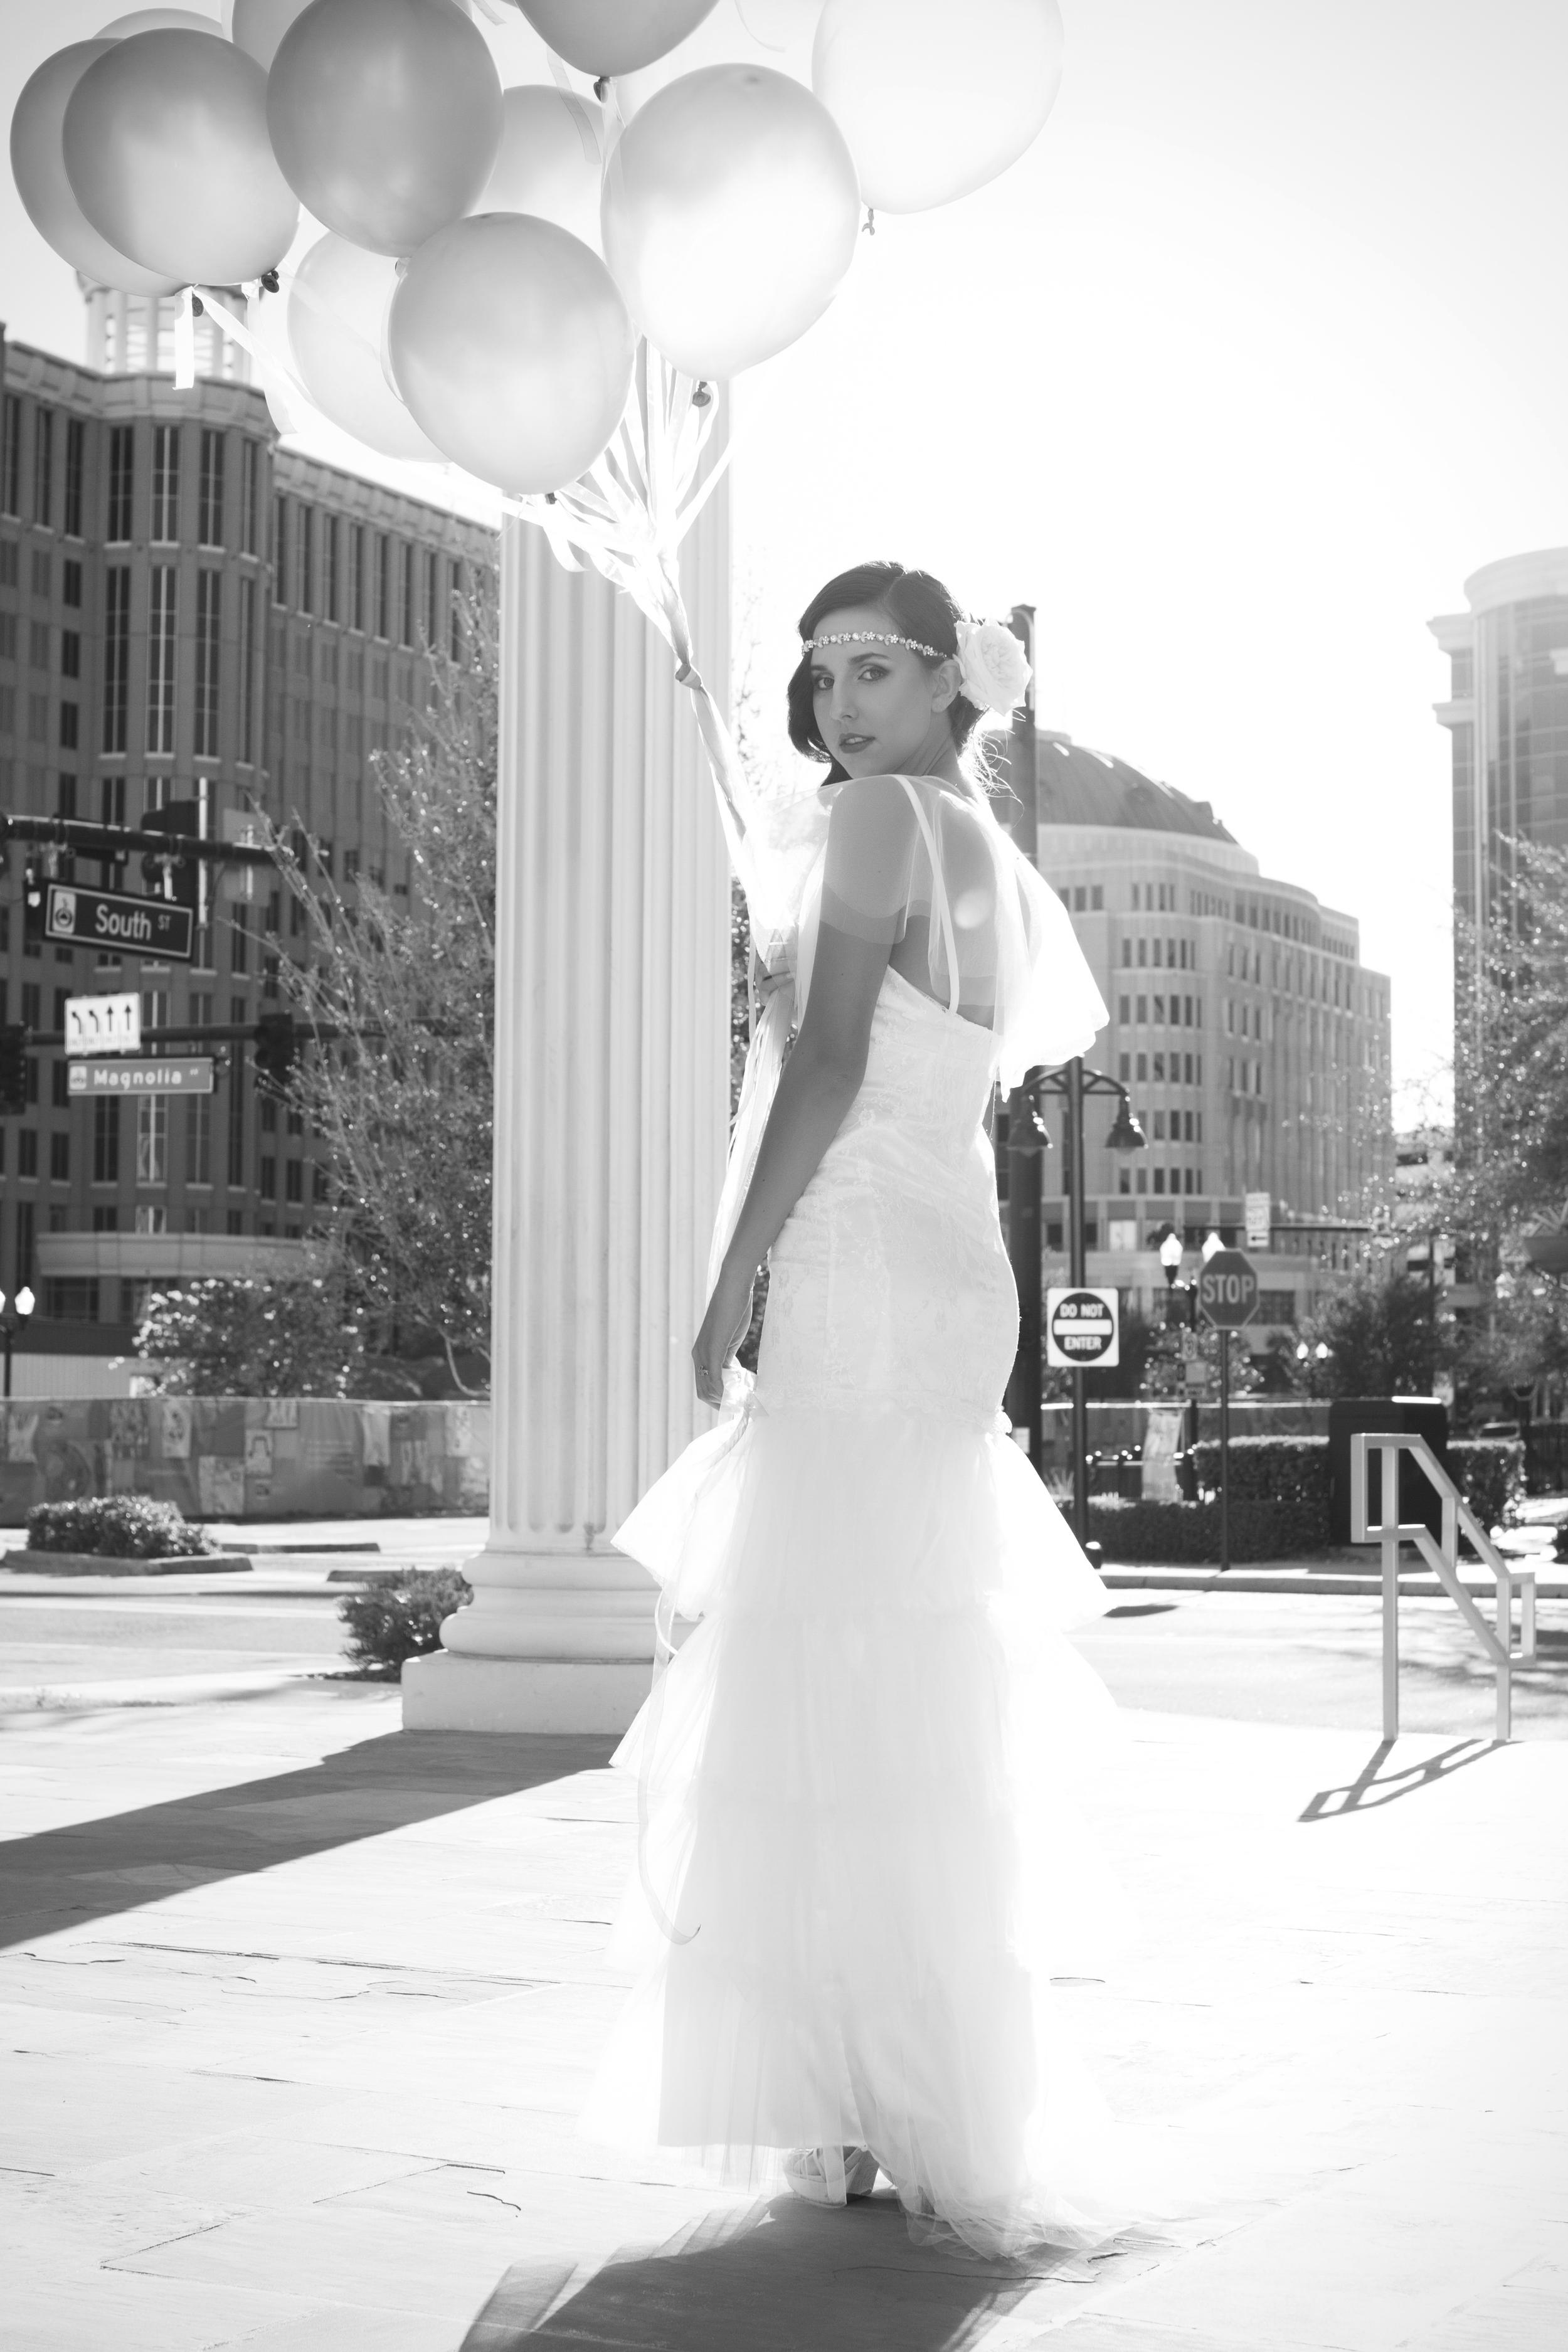 fashion_wedding_vaniaelisephotography--67.jpg